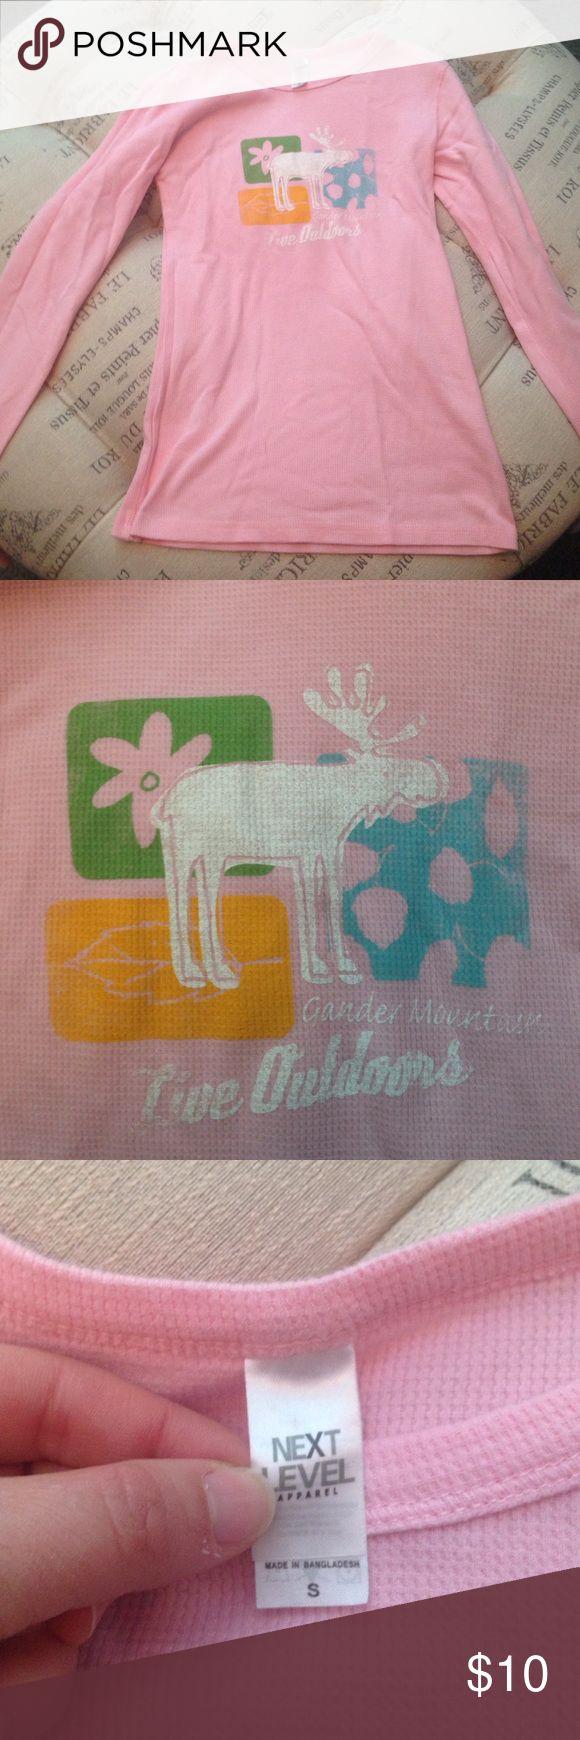 Gander Mountain pink moose long sleeve shirt sz S Like new Gander Mountain pink moose long sleeve shirt size S Gander Mountain Tops Tees - Long Sleeve